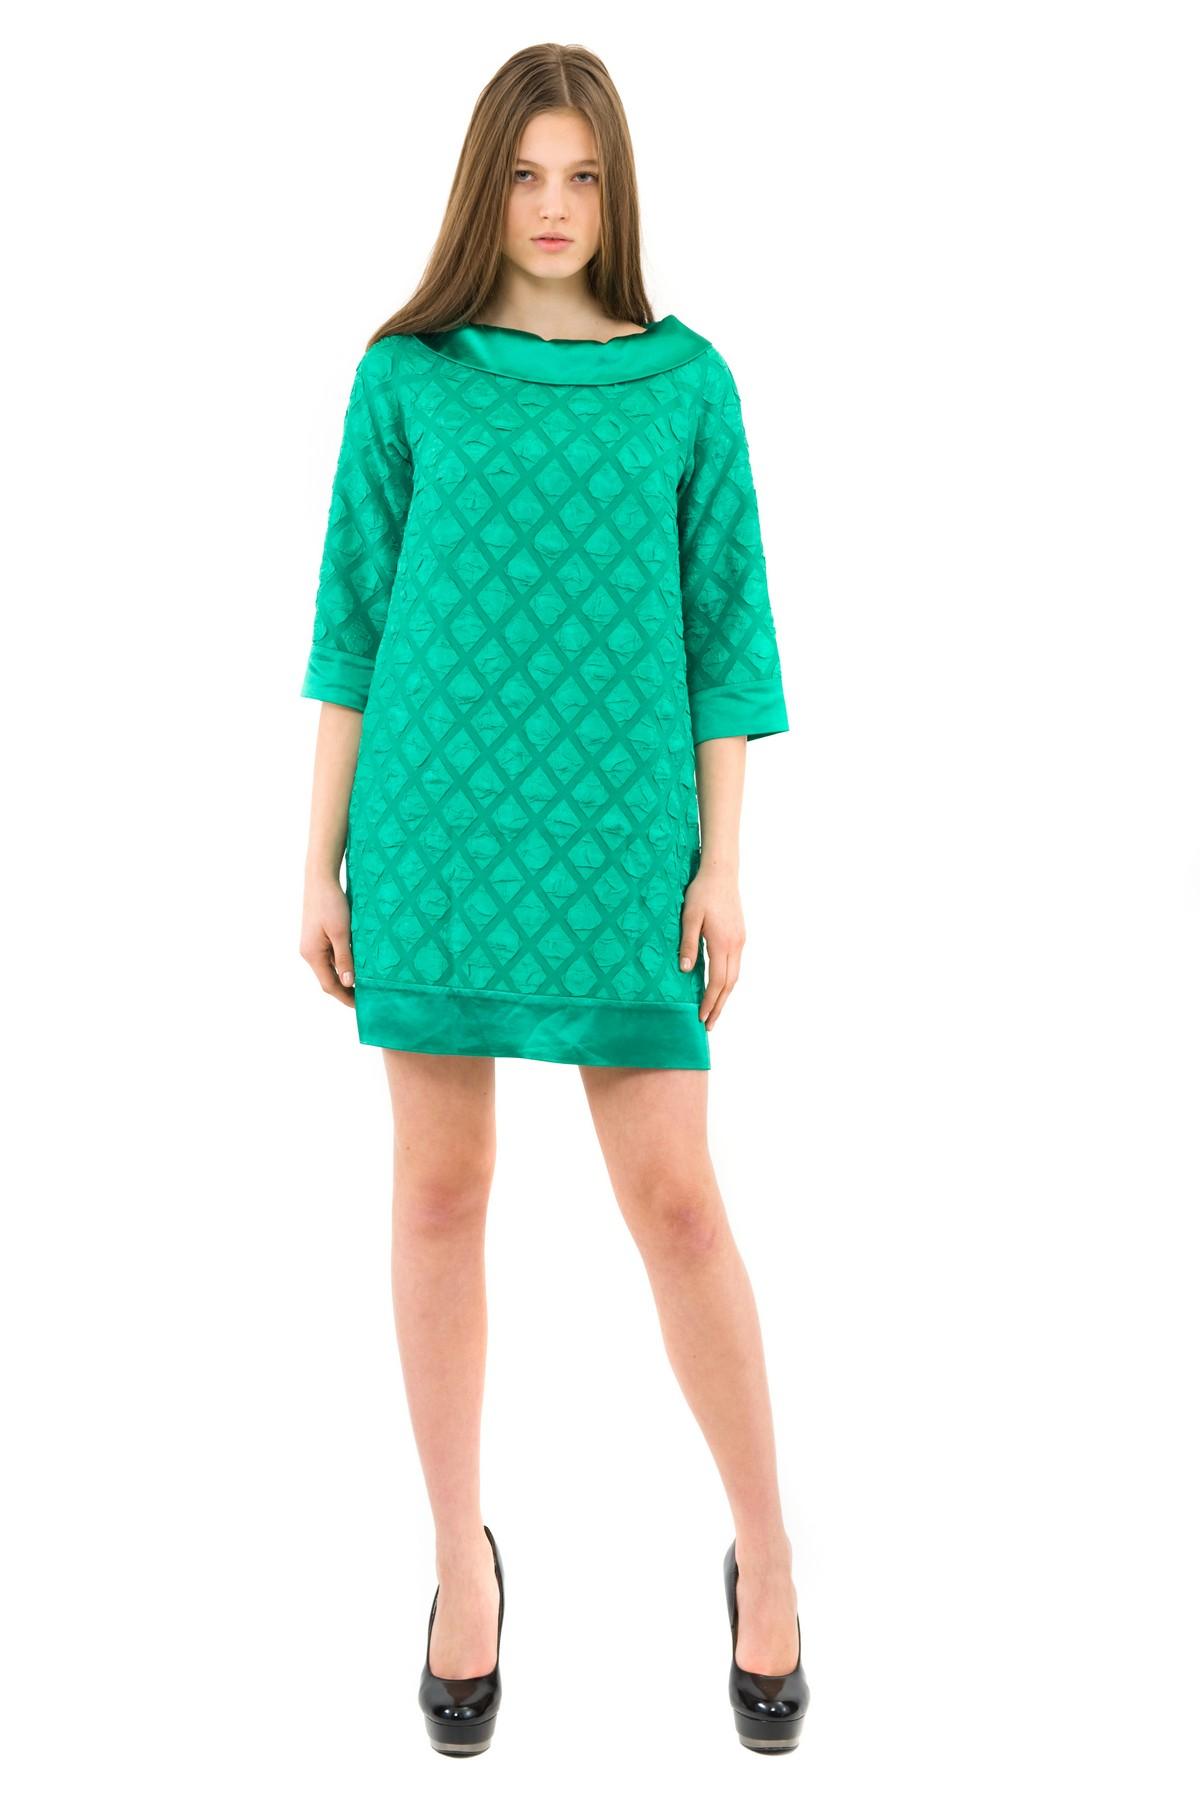 ПлатьеПлатья,  сарафаны<br>Изысканное жаккардовое платье  мини-длины преобразит любую девушку, придав ее образу неповторимую чувственность. Добавьте в свой гардероб нотку настоящего изысканного шика вместе с этим ярким стильным очаровательным платьем!<br><br>Цвет: зеленый<br>Состав: 95% полиэстер, 5% лайкра<br>Размер: 50<br>Страна дизайна: Россия<br>Страна производства: Россия